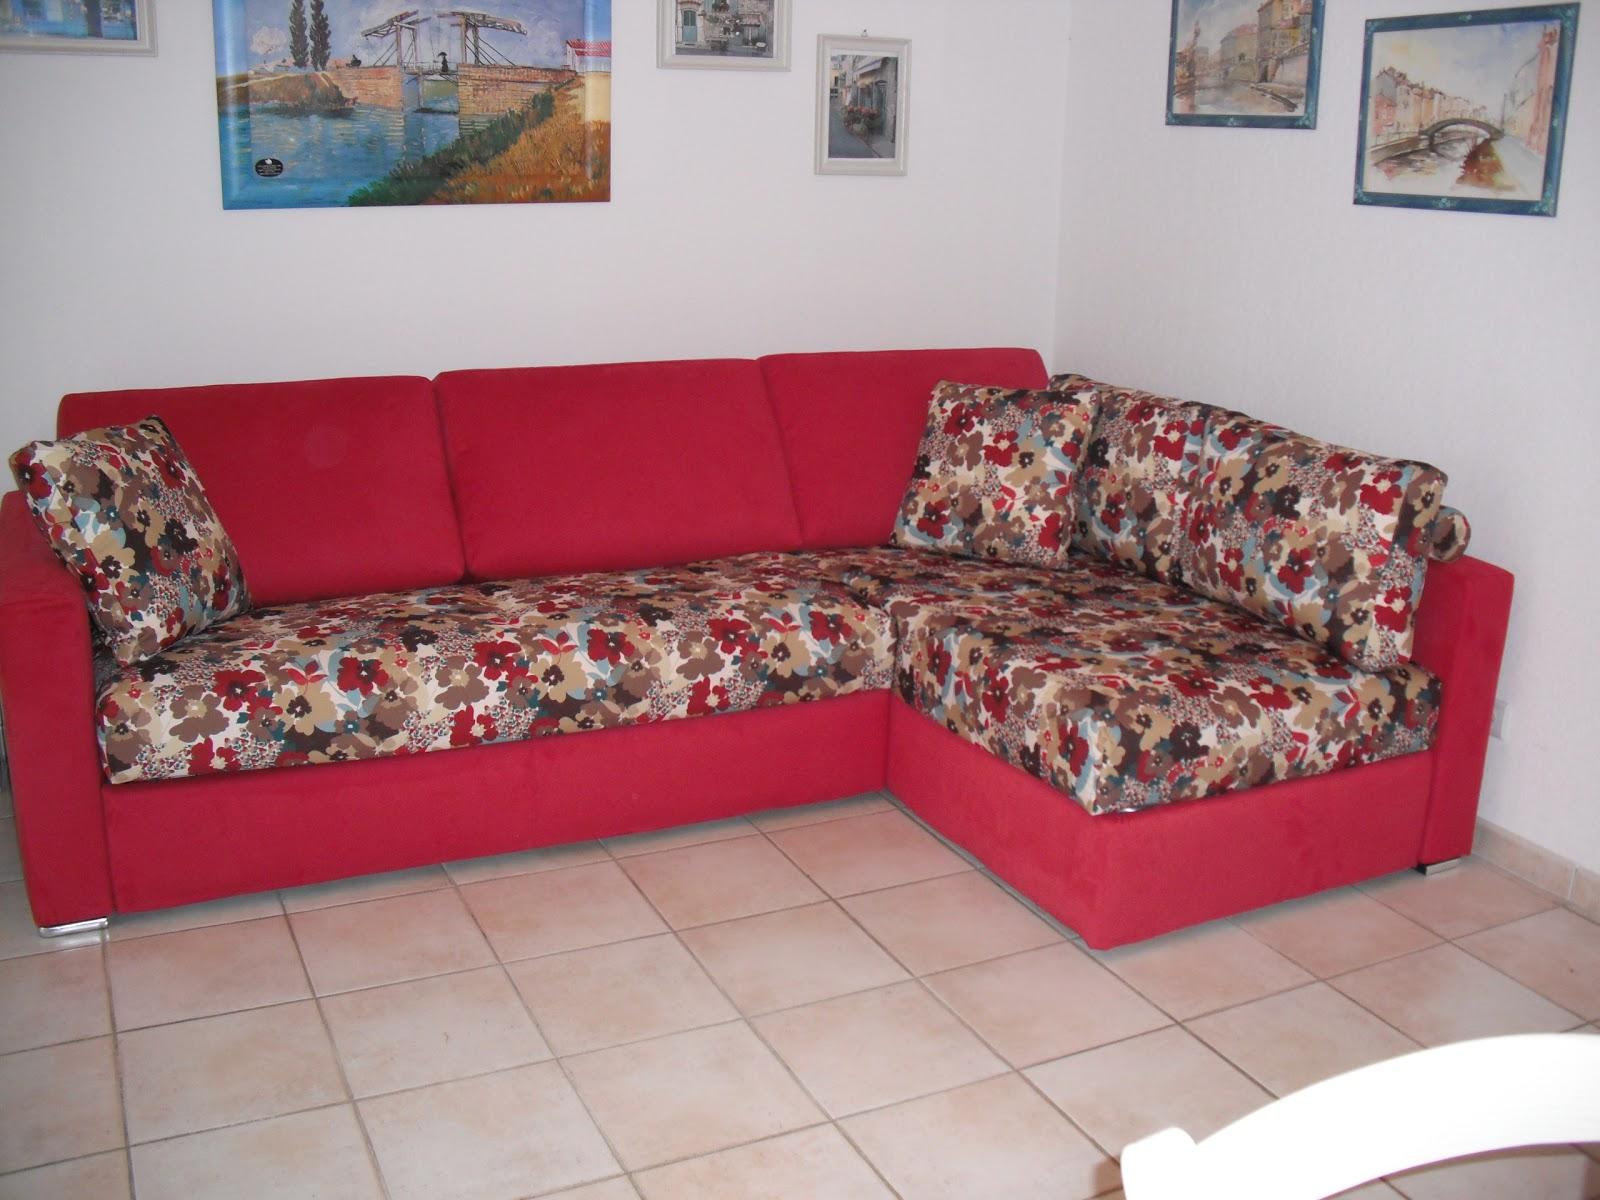 Divani e divani letto su misura divano letto zeus su for Divano letto dimensioni ridotte